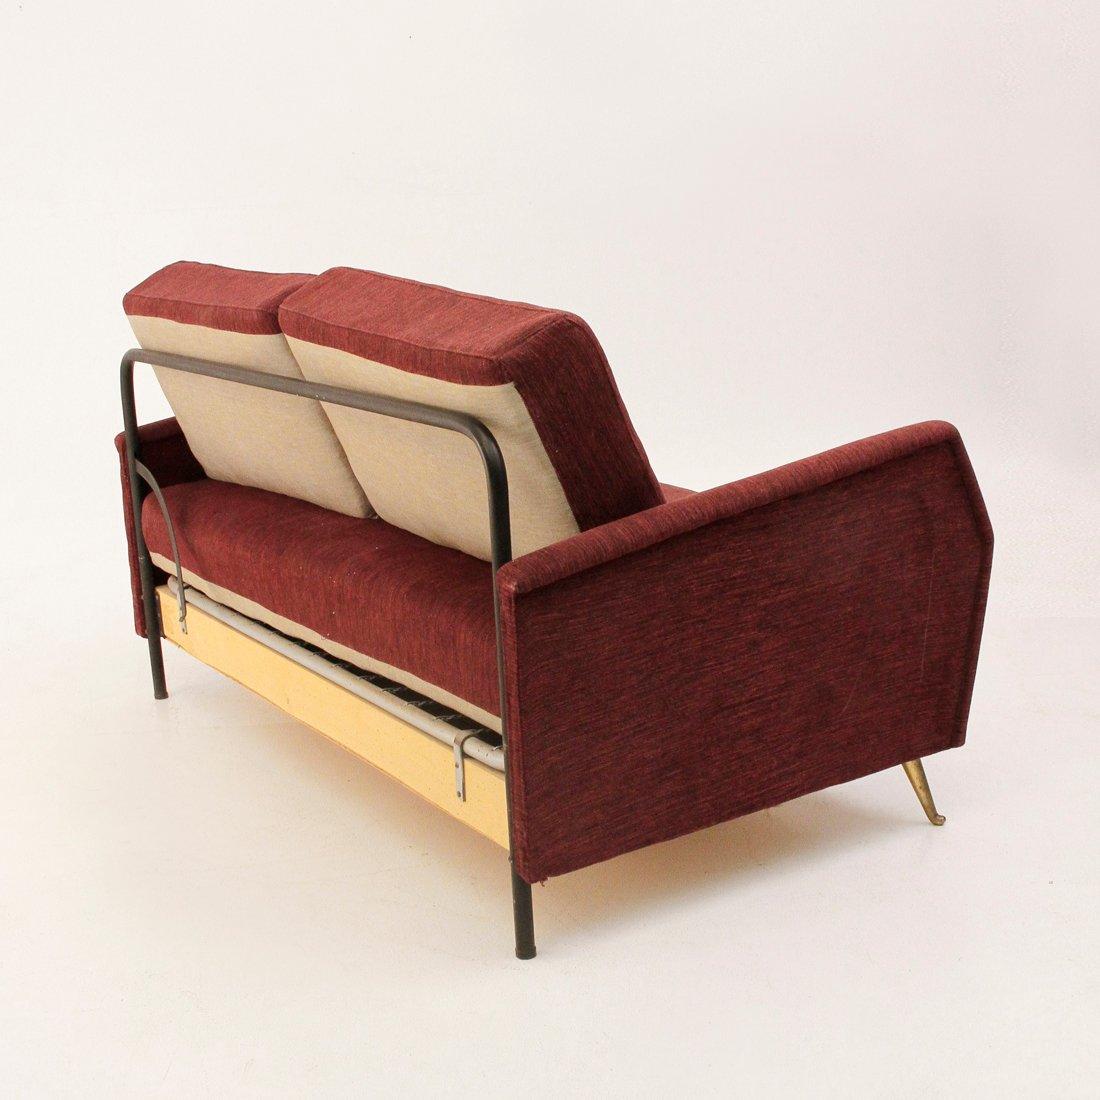 Divano letto mid century italia anni 39 50 in vendita su pamono - Divano letto b b italia ...